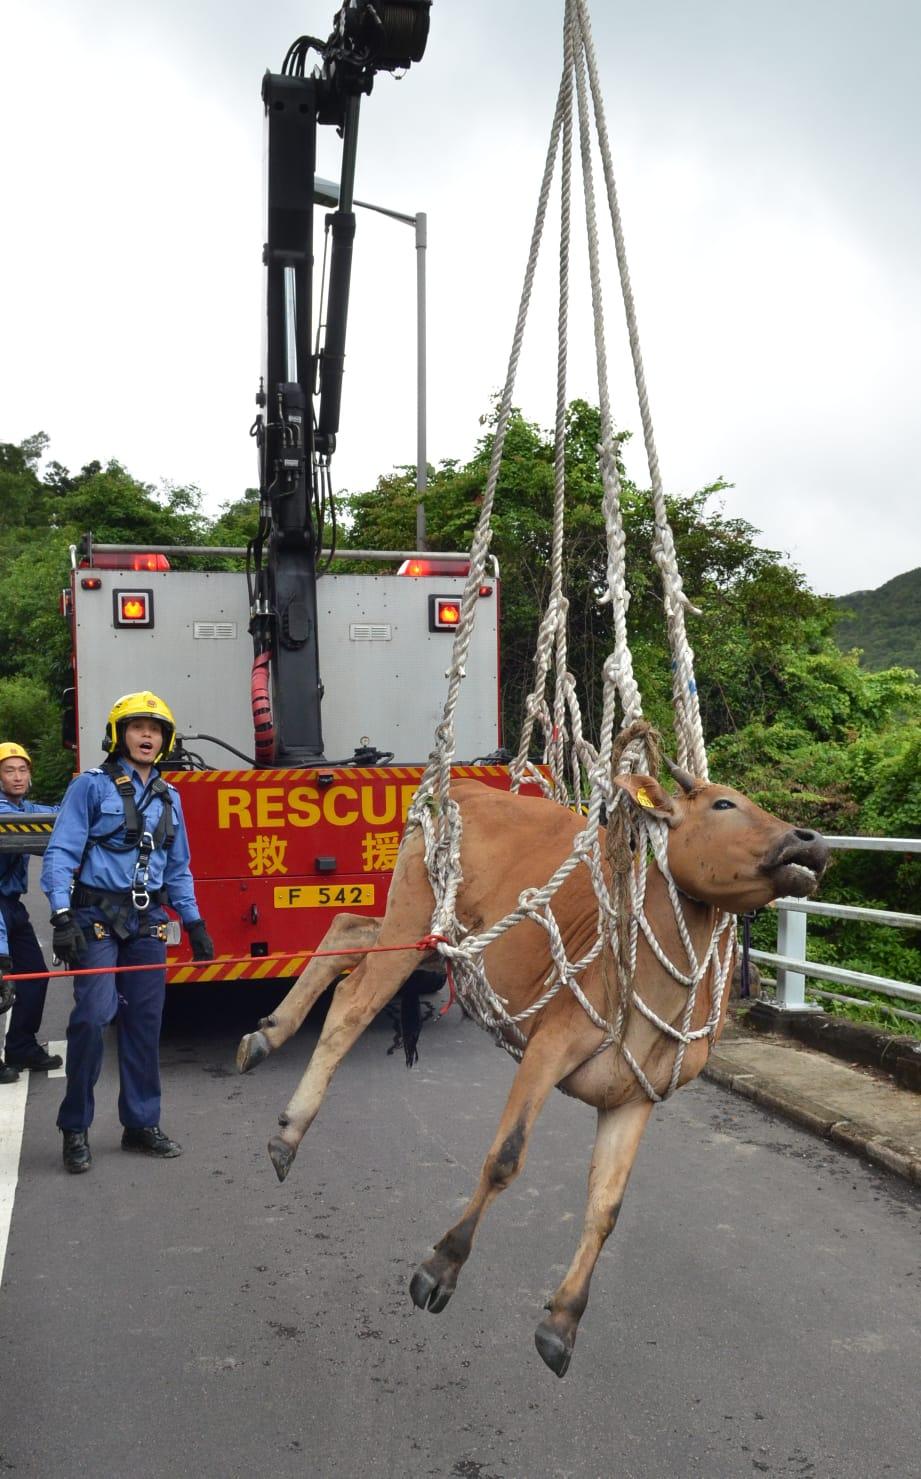 西貢北潭路近麥理浩夫人渡假村的一處山坡,今早附近村民發現一隻約兩米長的黃牛,跌落5米斜坡下。林思明攝